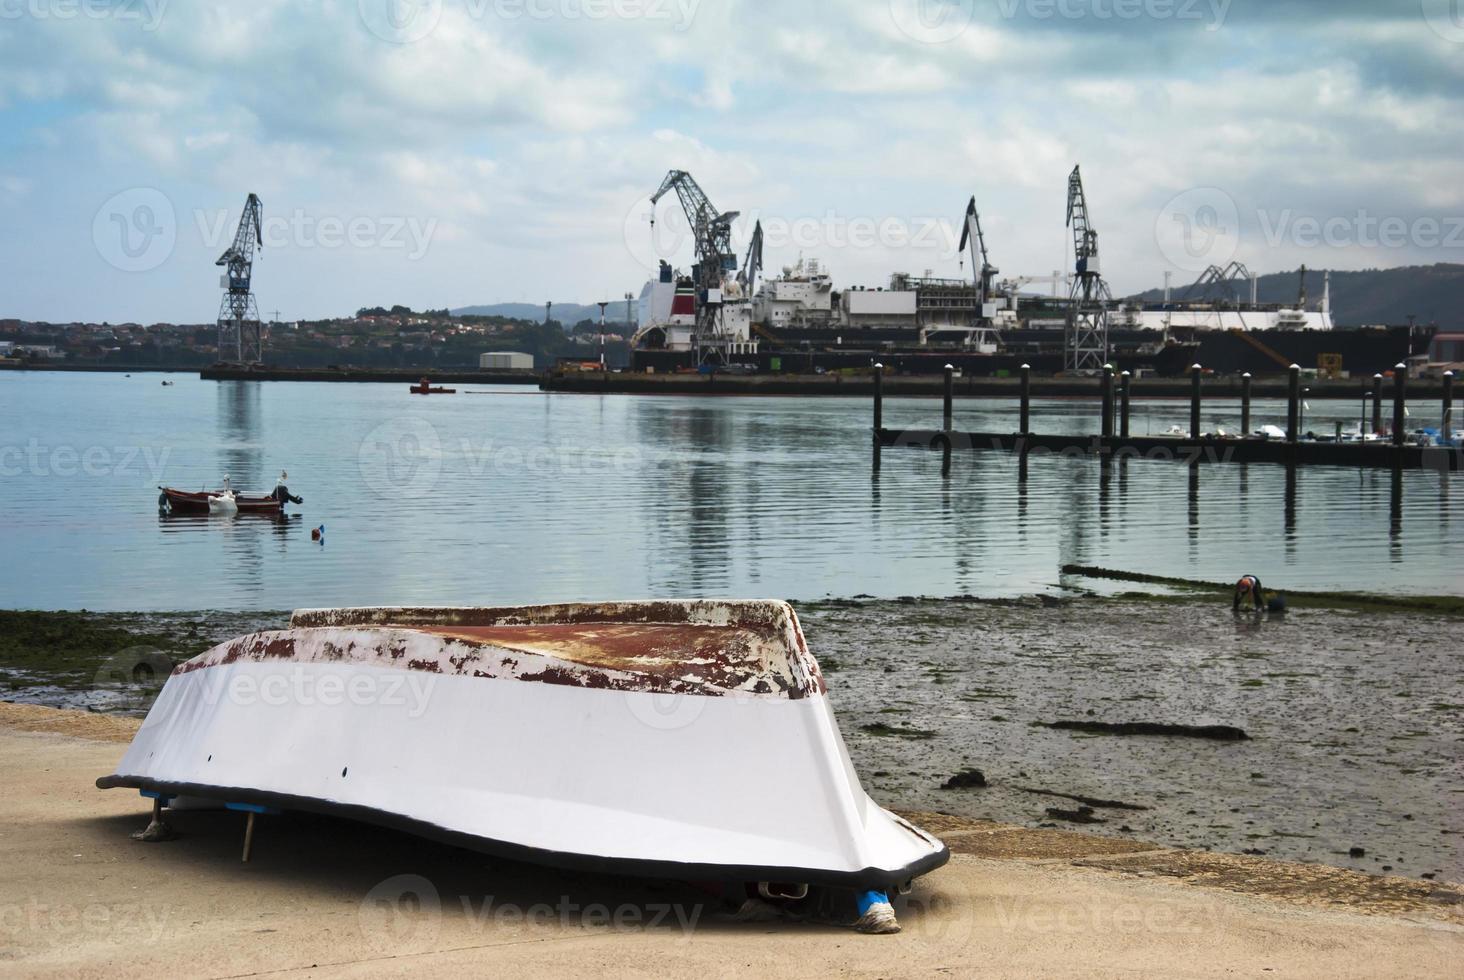 zona di costruzione navale foto